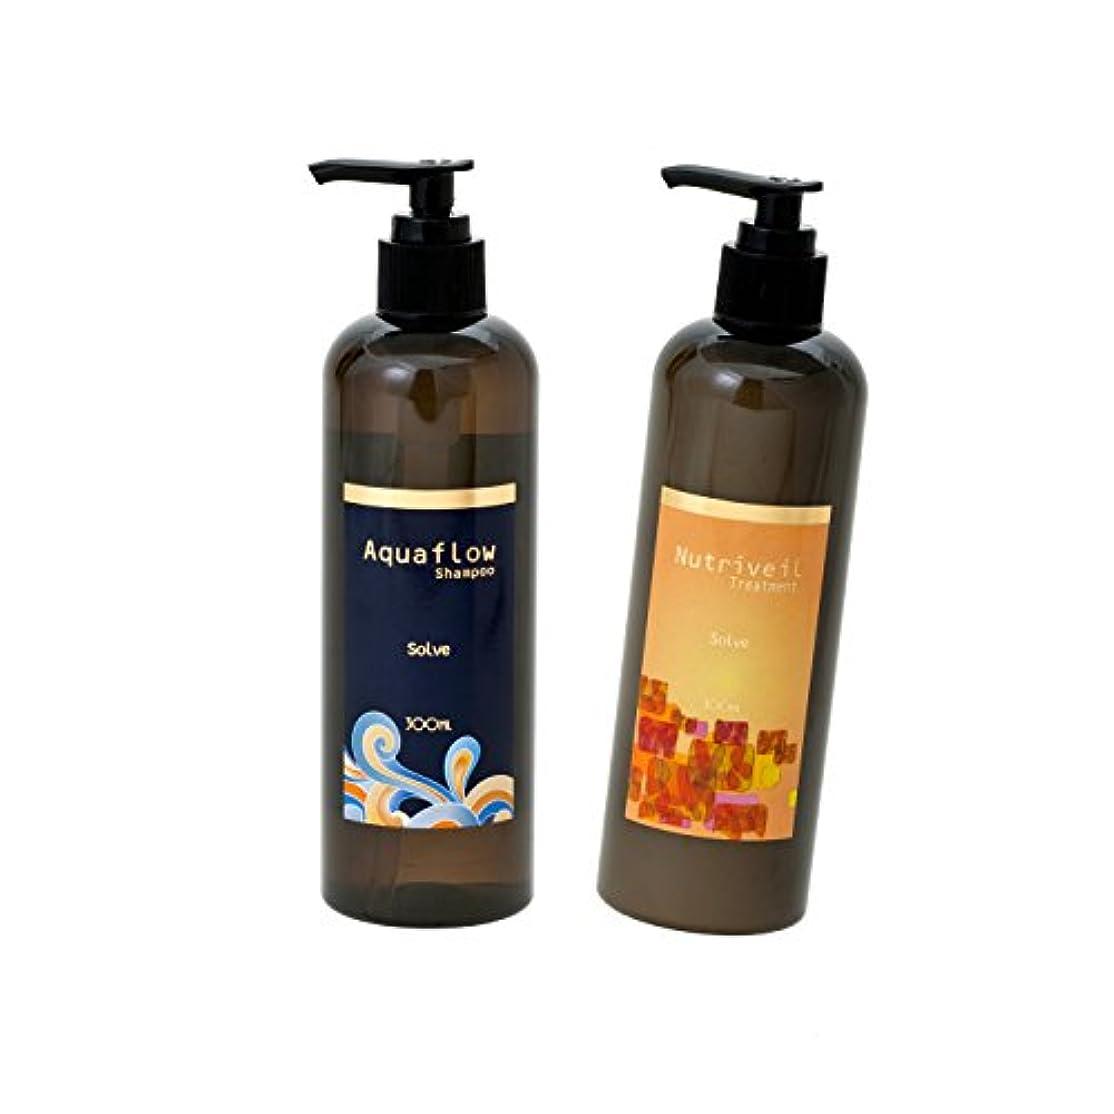 パンツミリメーターこどもセンター縮毛矯正した髪を栄養そのもので洗うsolve ソルブシャンプー「Aquaflow_アクアフロー」ソルブトリートメント「Nutriveil_ニュートリヴェール」セット カラーの繰り返しで大きくダメージした髪のケアにも。 (300ml_set)